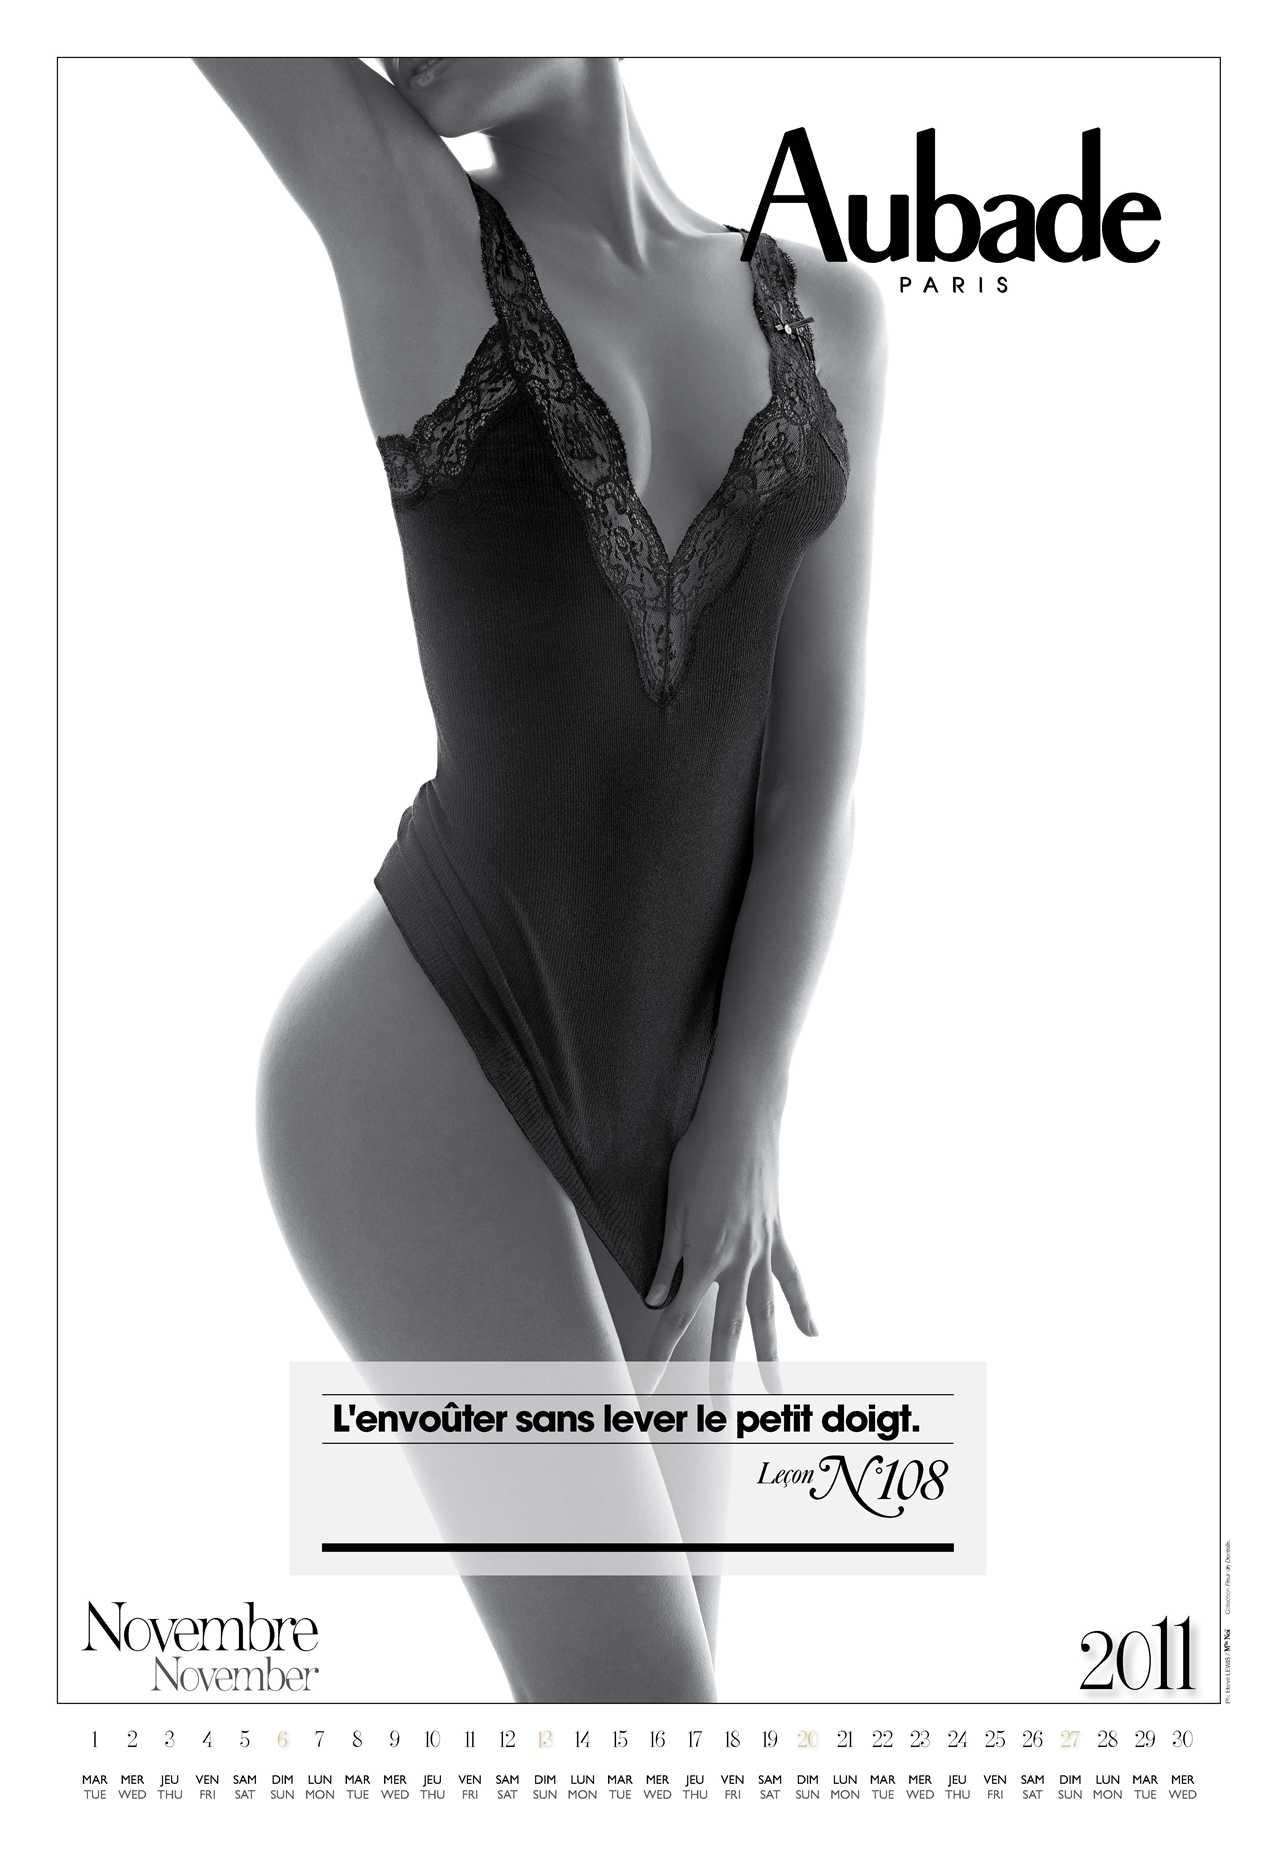 Aubade Lingerie 2011 calendar